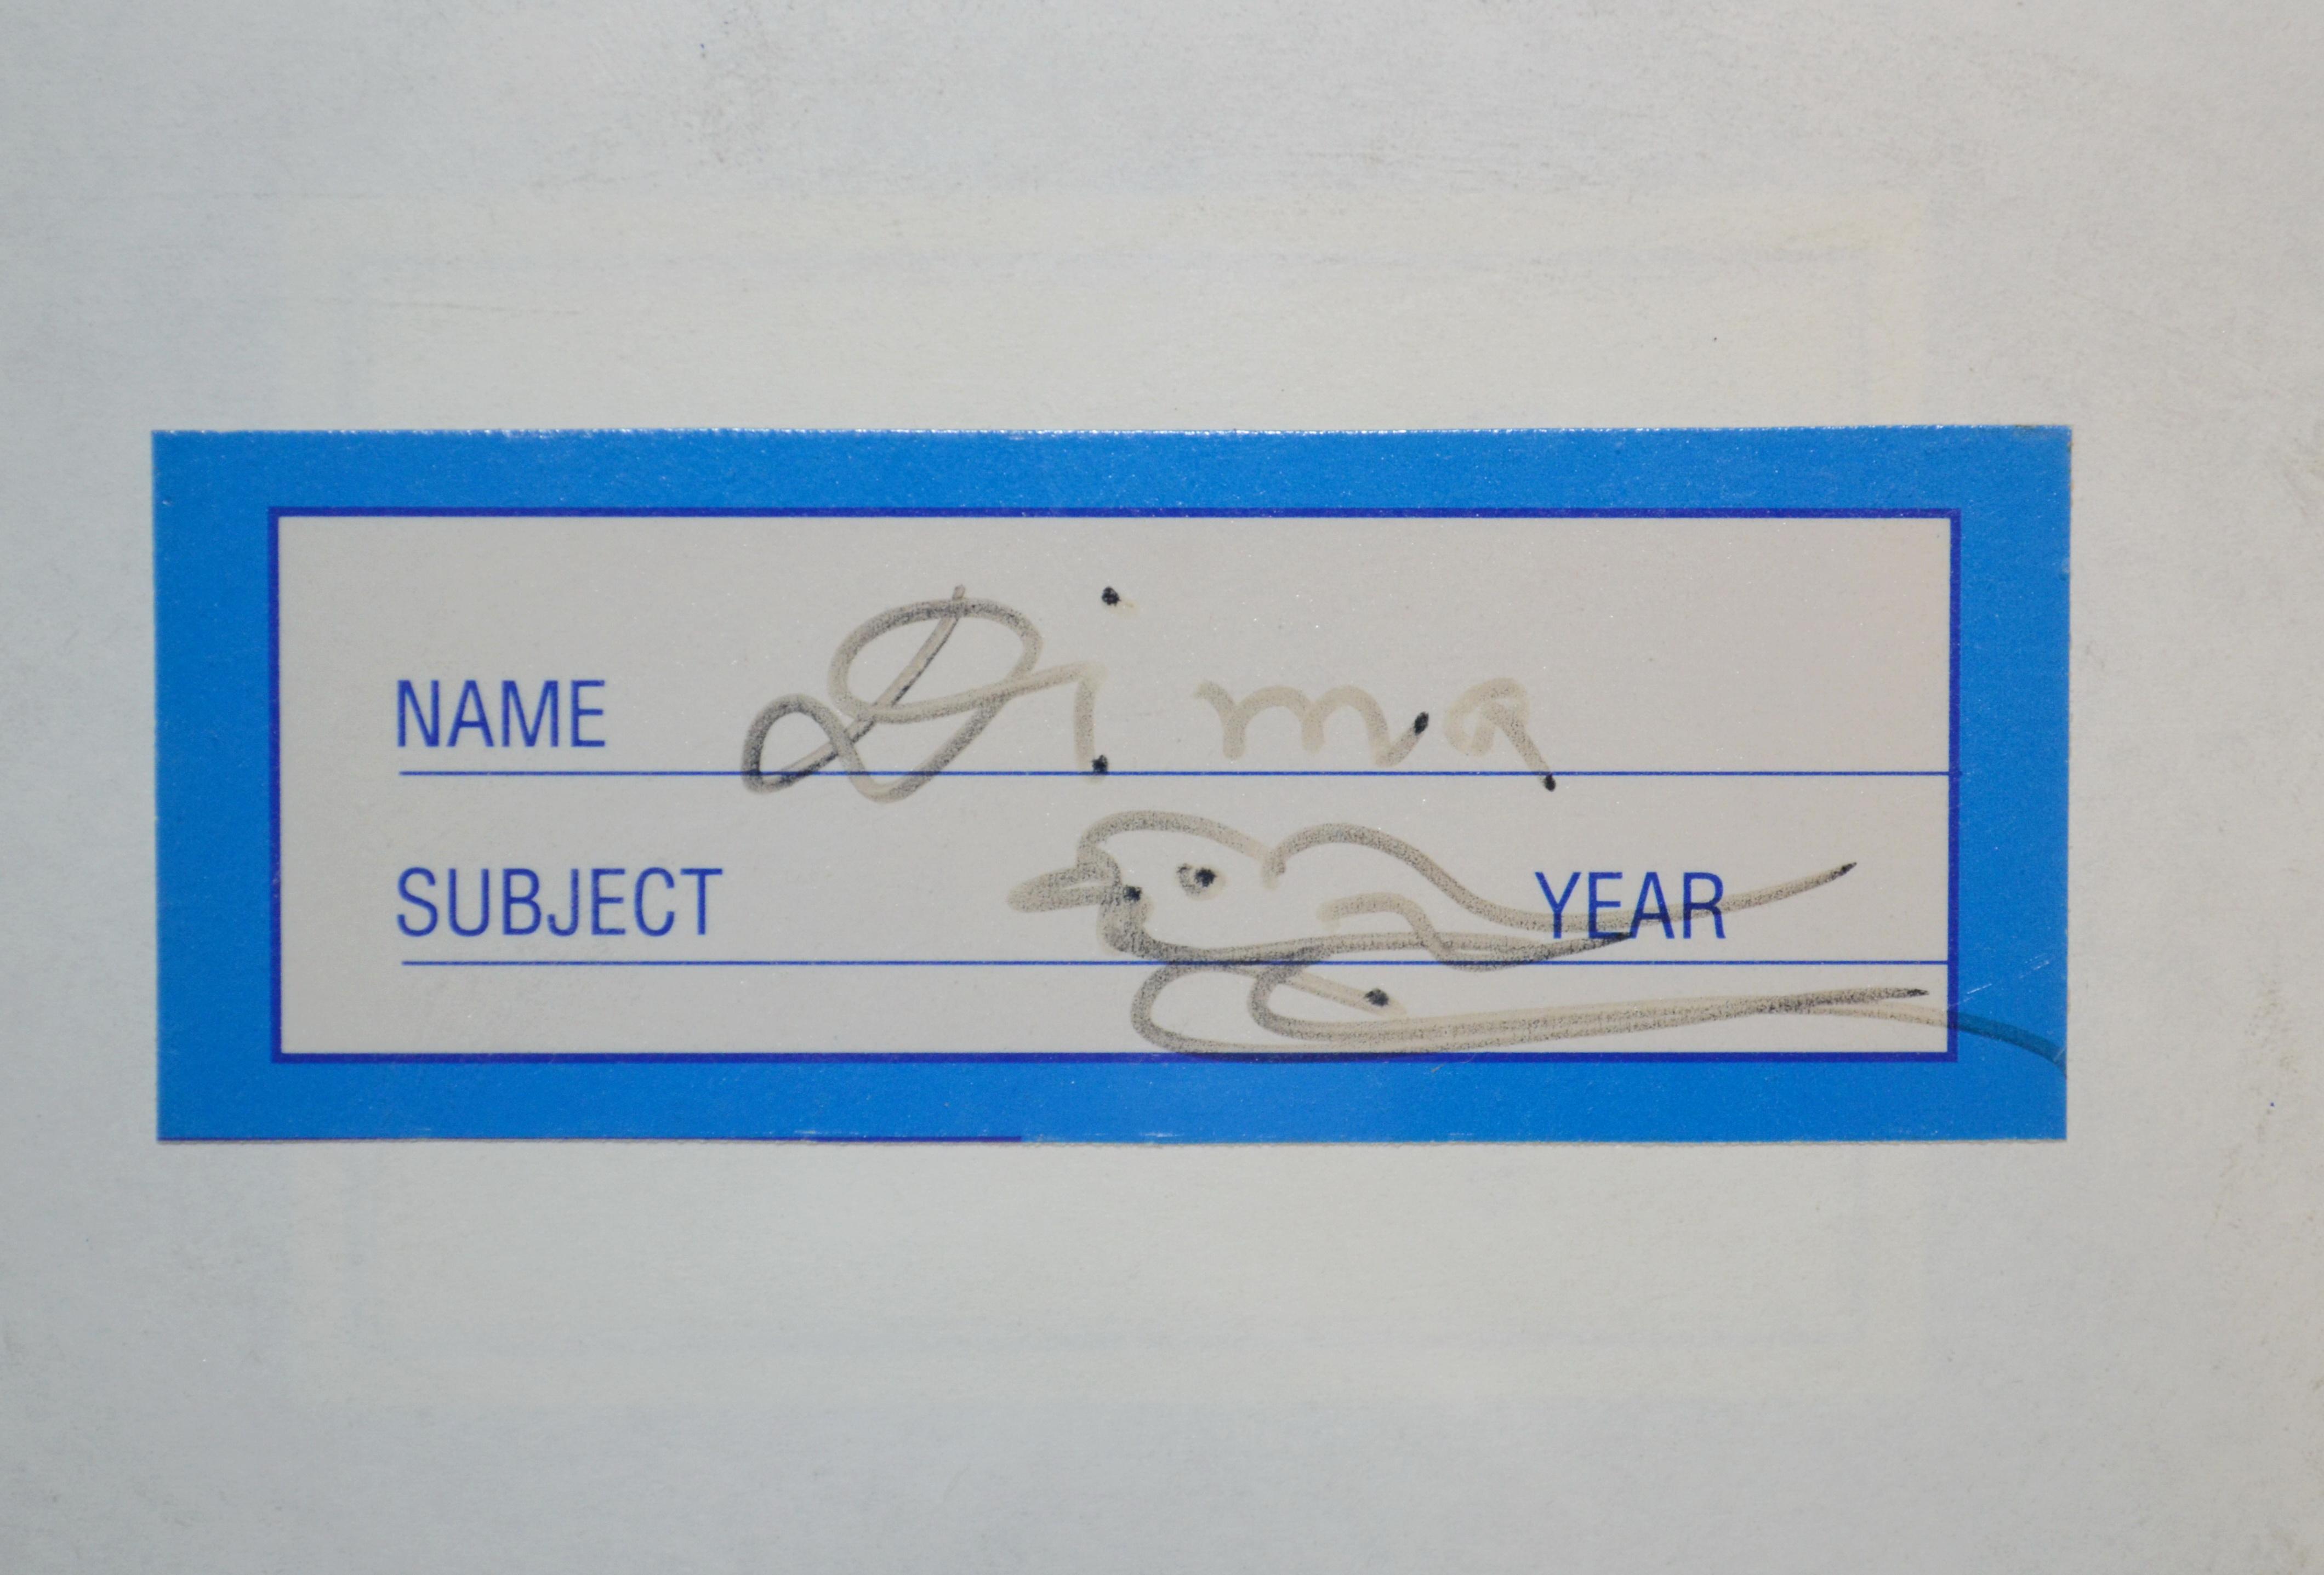 Шри Чинмой подписал для меня тетрадку